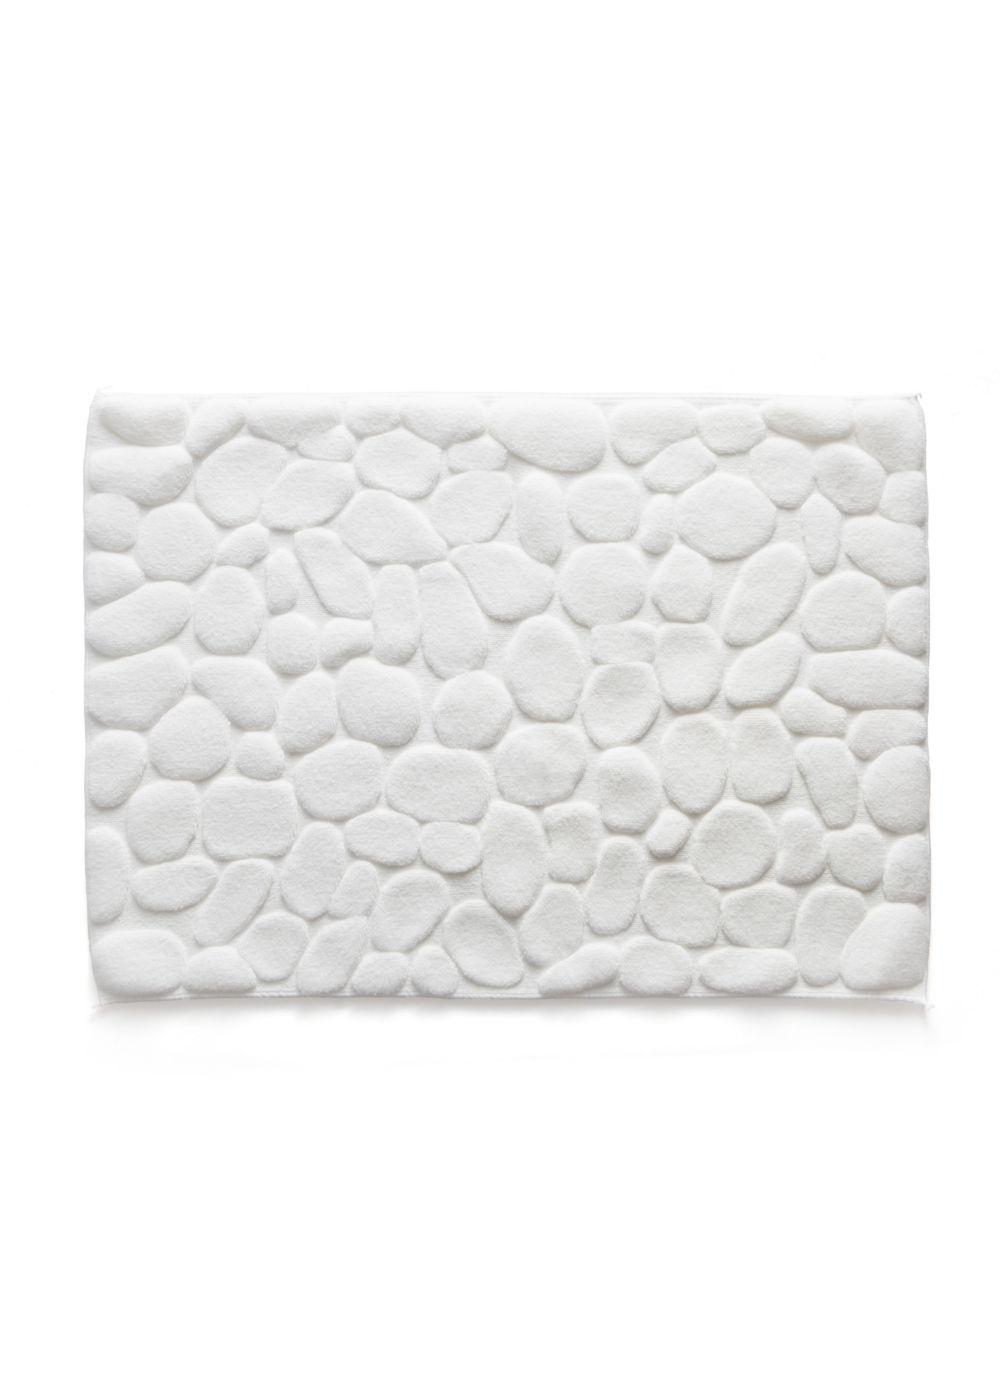 Ottaipnu-IshikoroBathMat-White